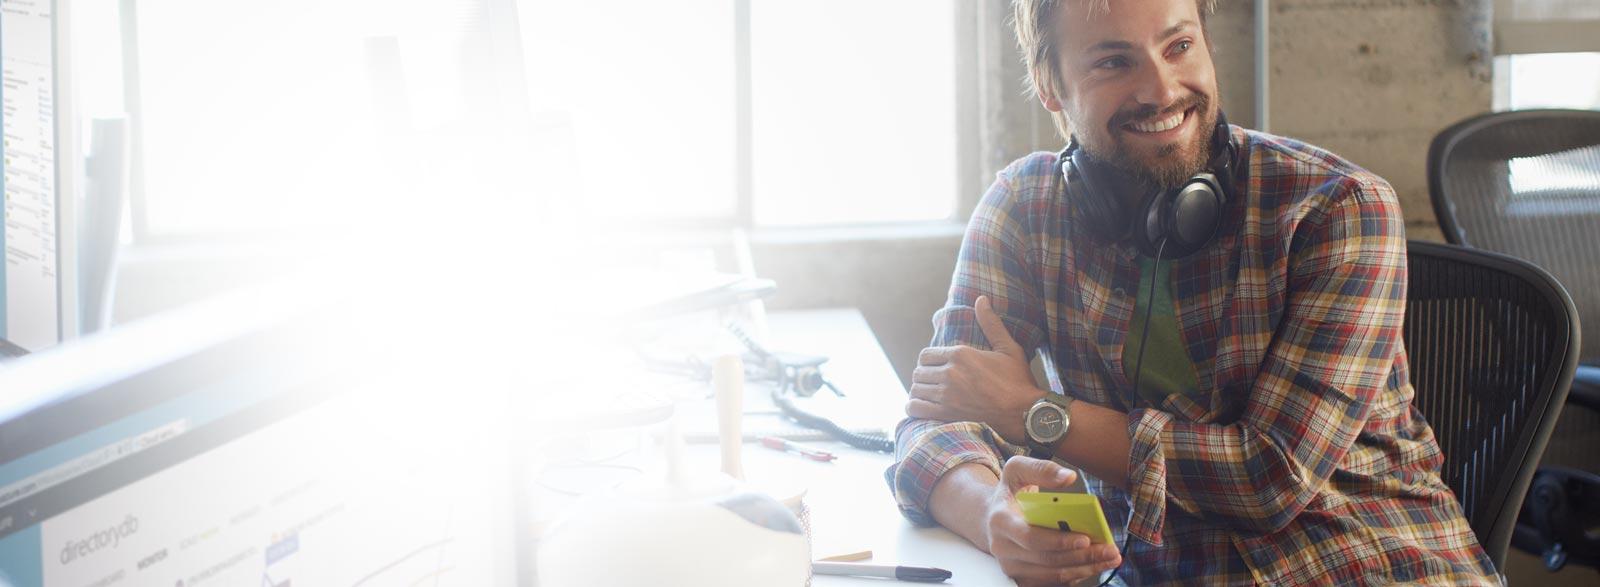 Garanta os serviços de produtividade e colaboração mais recentes com o Office 365 Enterprise E1.